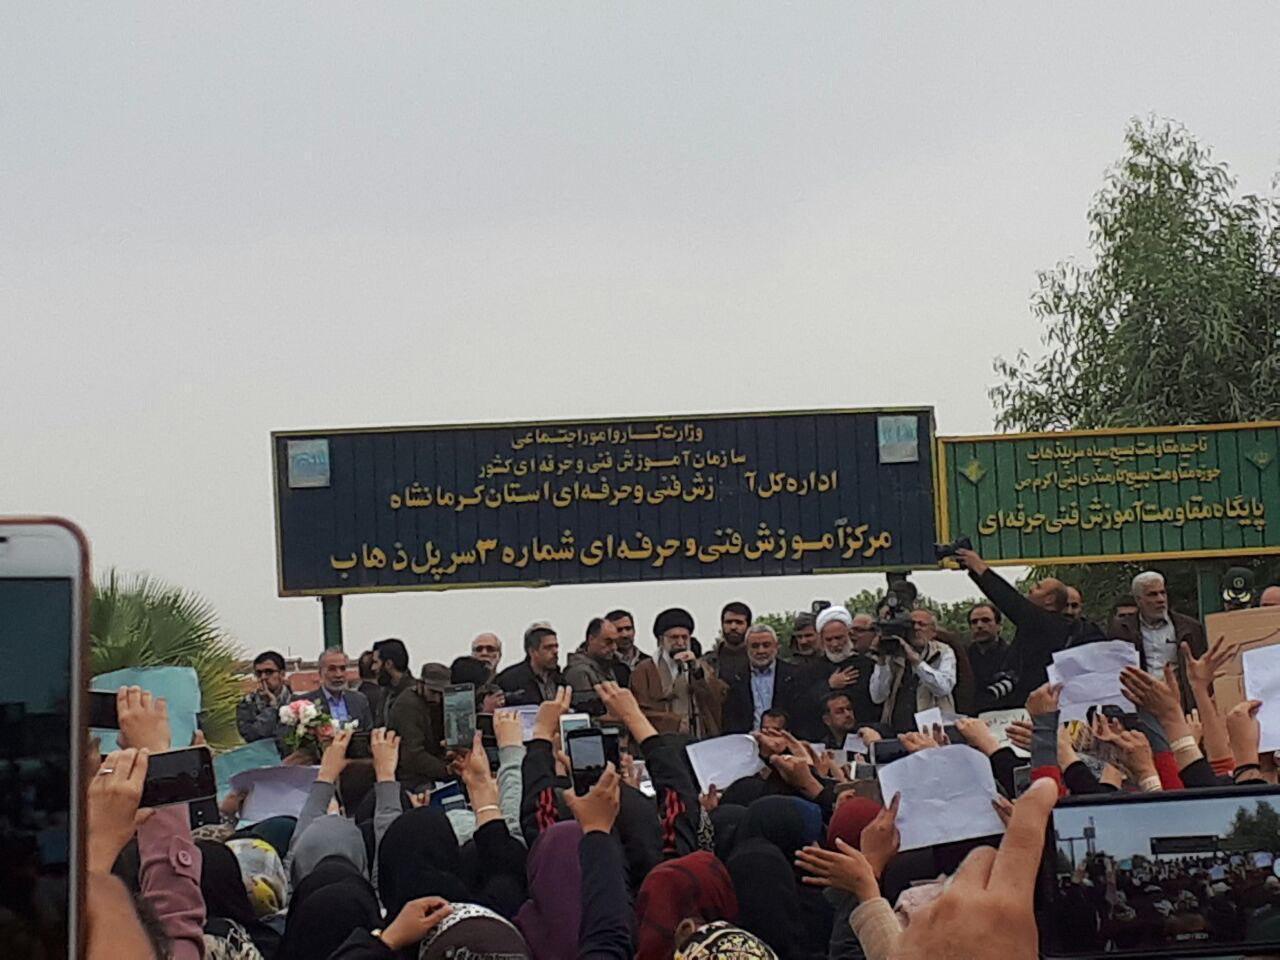 از حضور سرزده مقام معظم رهبری در مناطق زلزله زده تا پایان خلافت تکفیریها در بوکمال